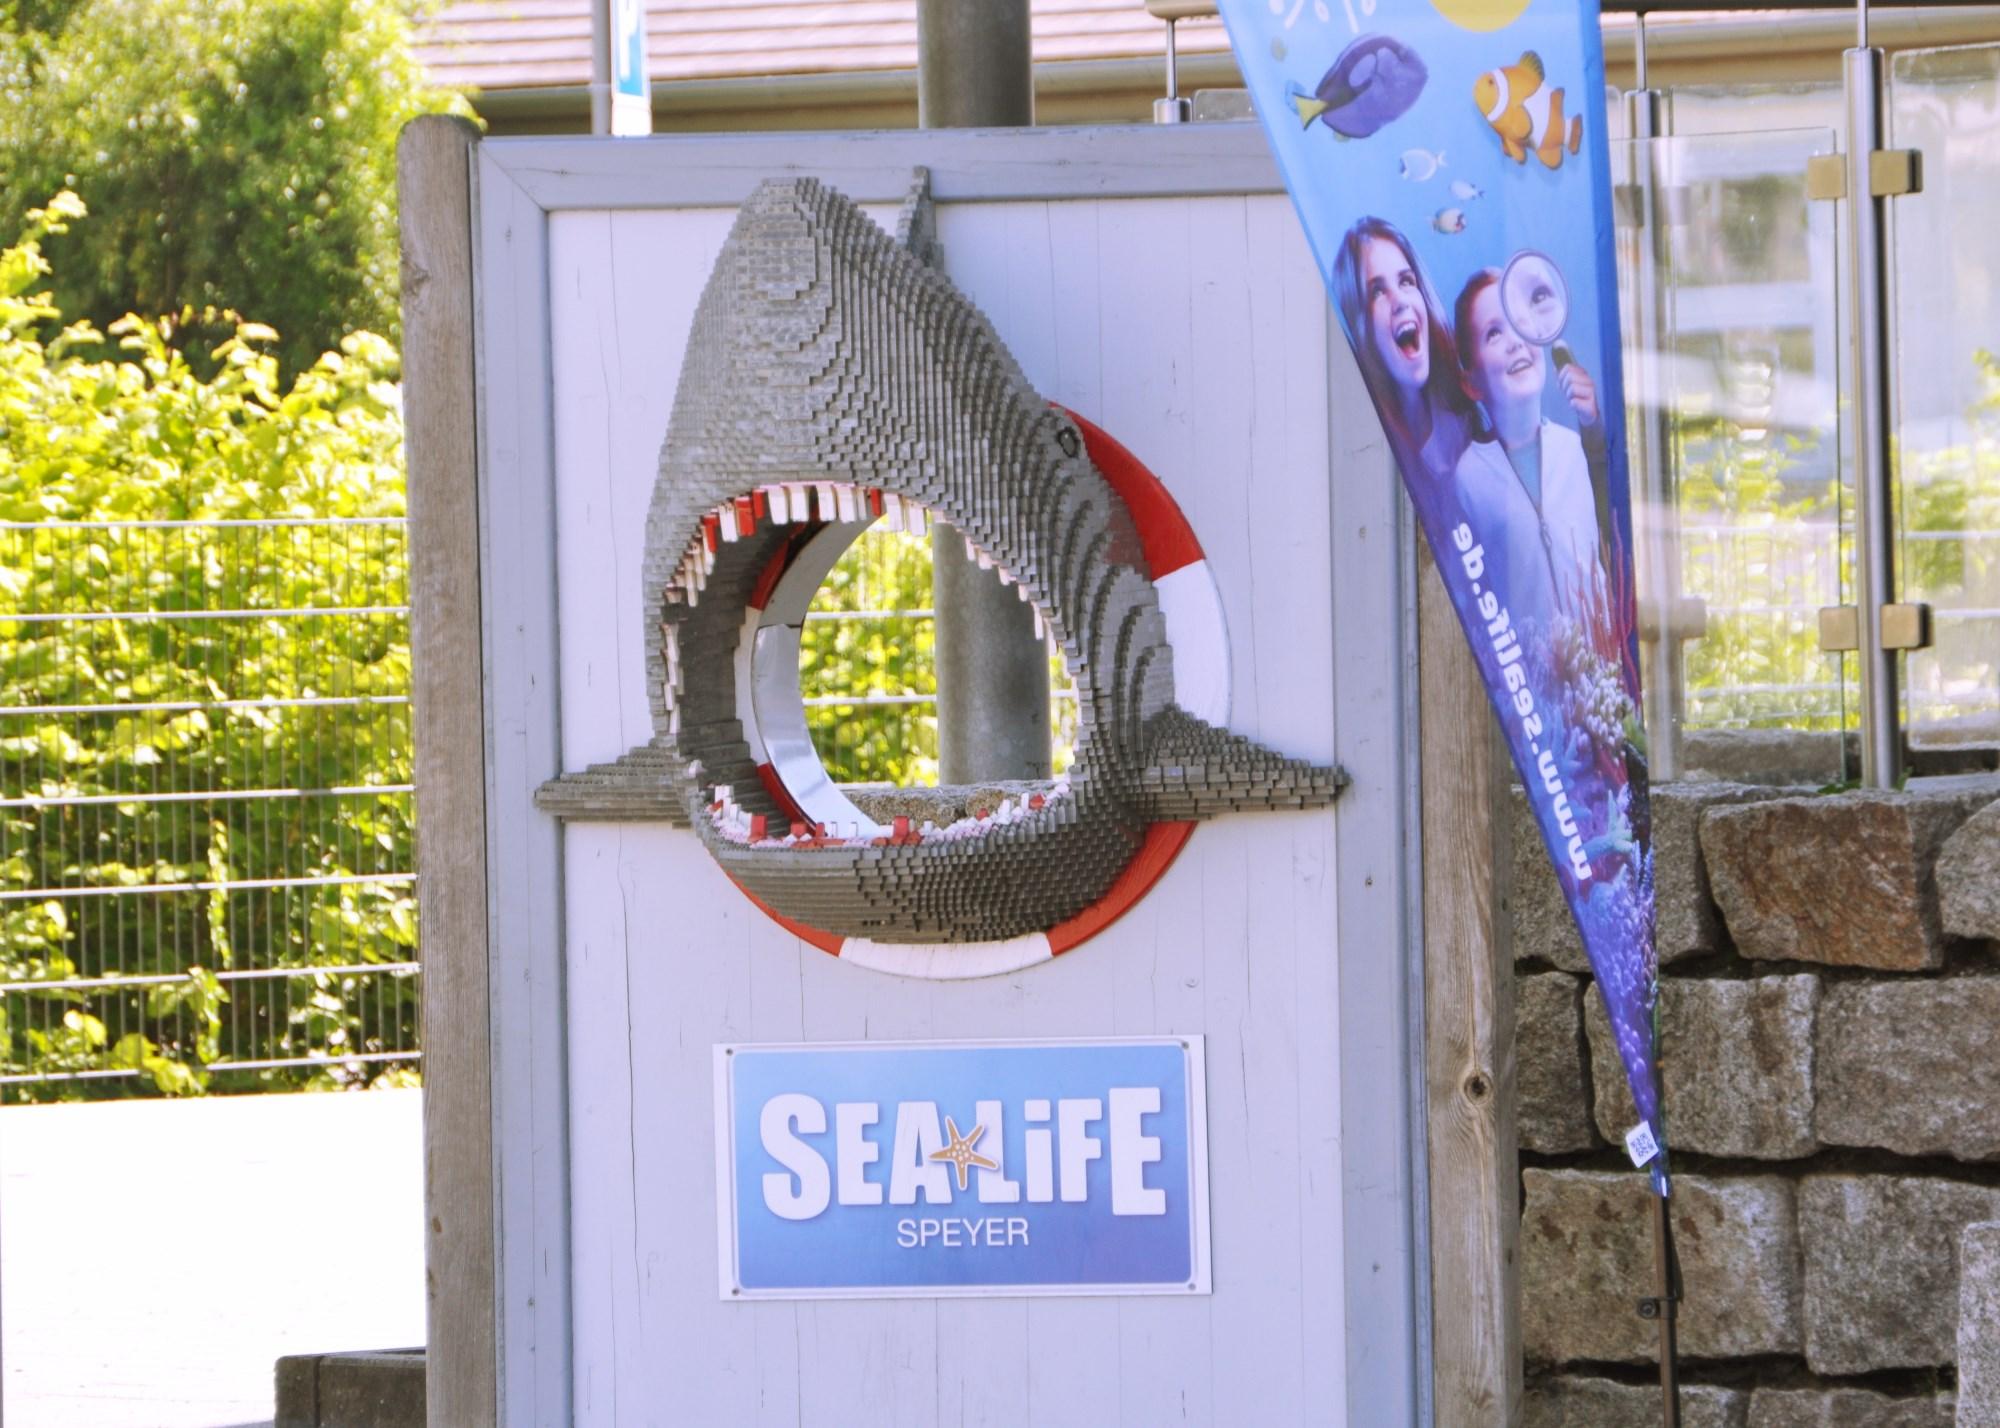 Mitmachen & Entdecken für kleine Meeresforscher – SEA LIFE #Verlosung